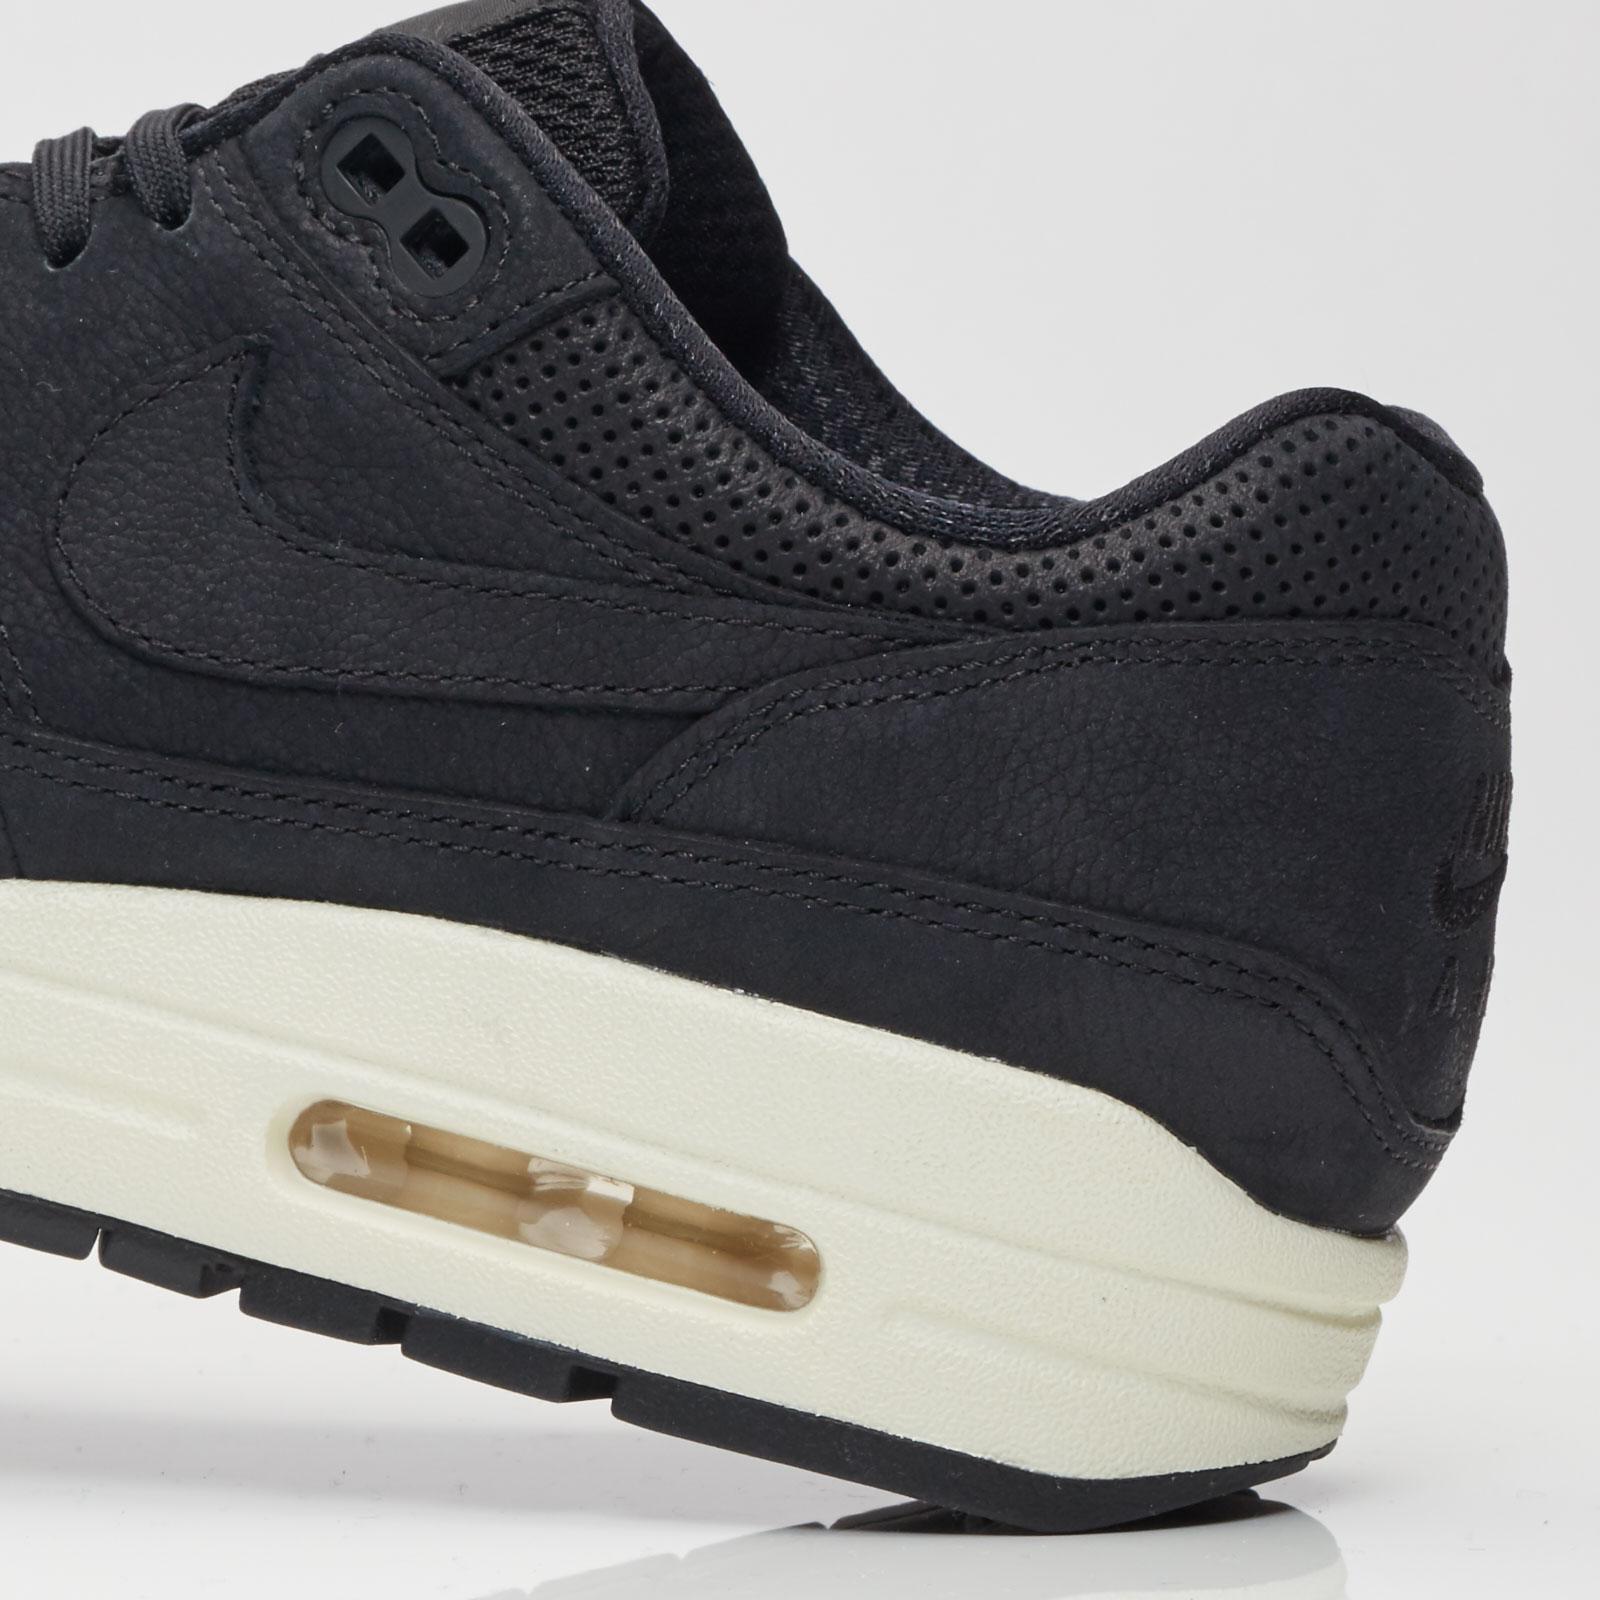 Nike Wmns Air Max 1 Pinnacle - 839608-005 - Sneakersnstuff ...